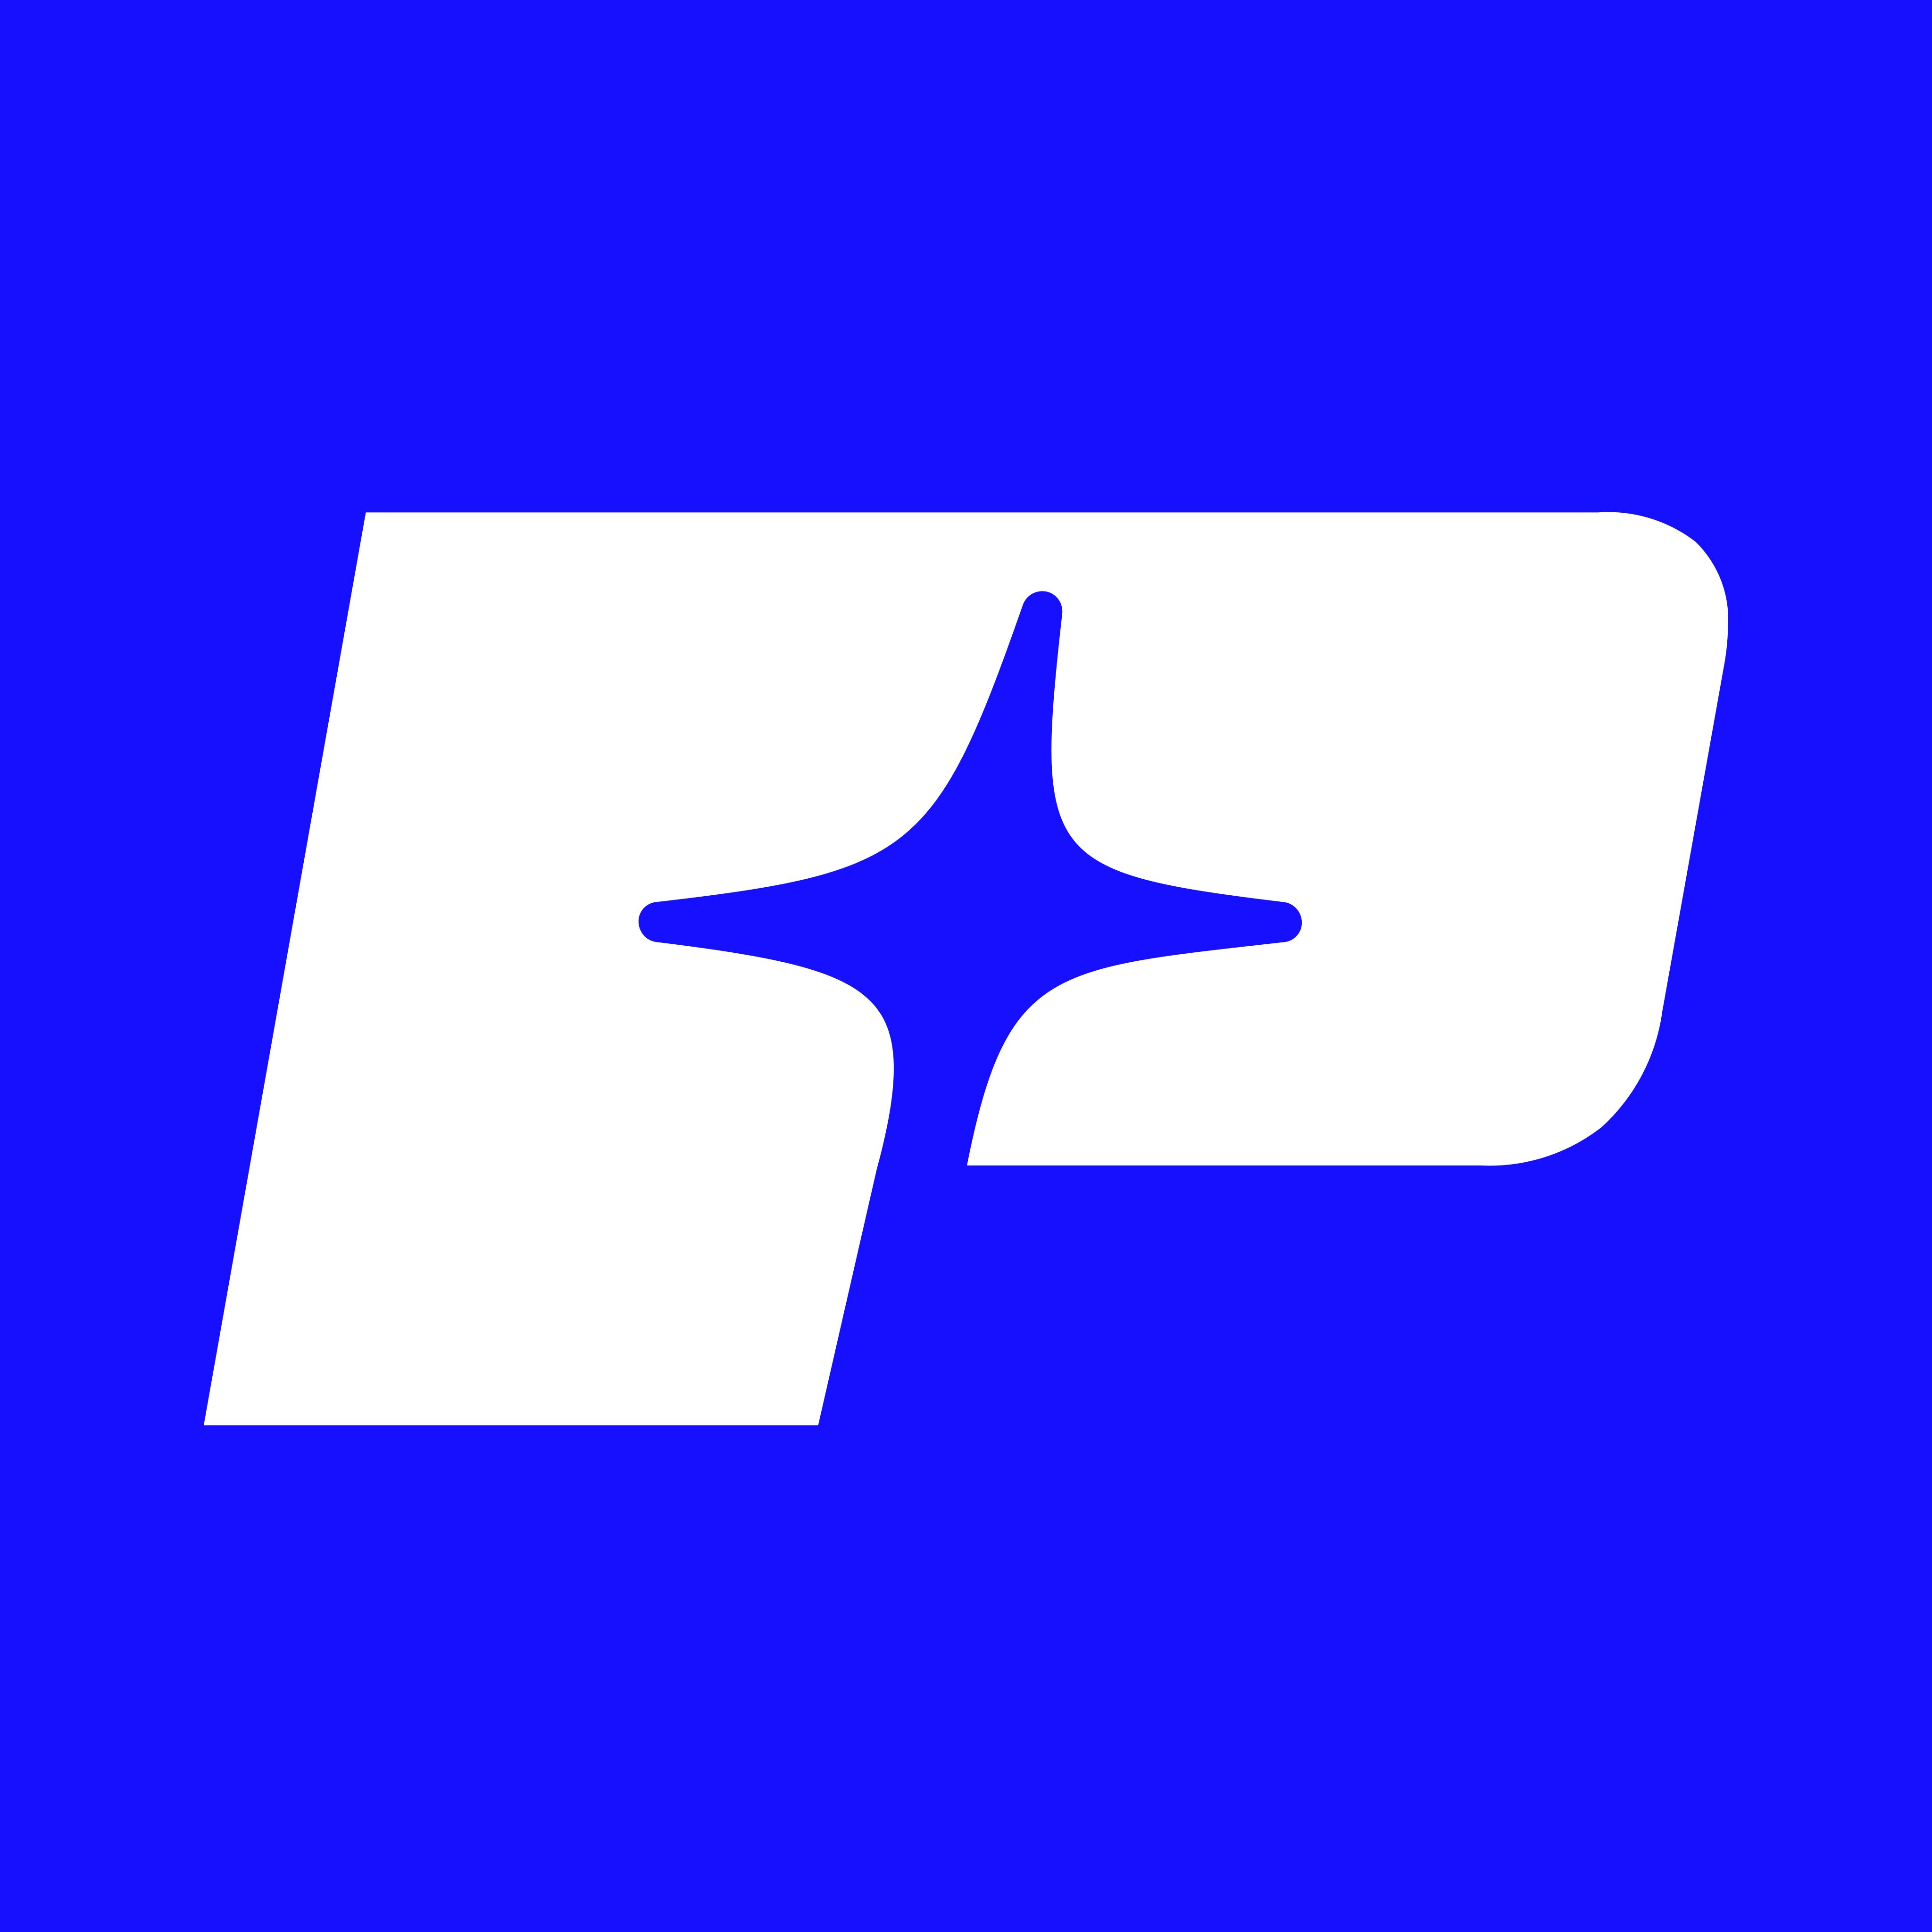 Poparazzi logo